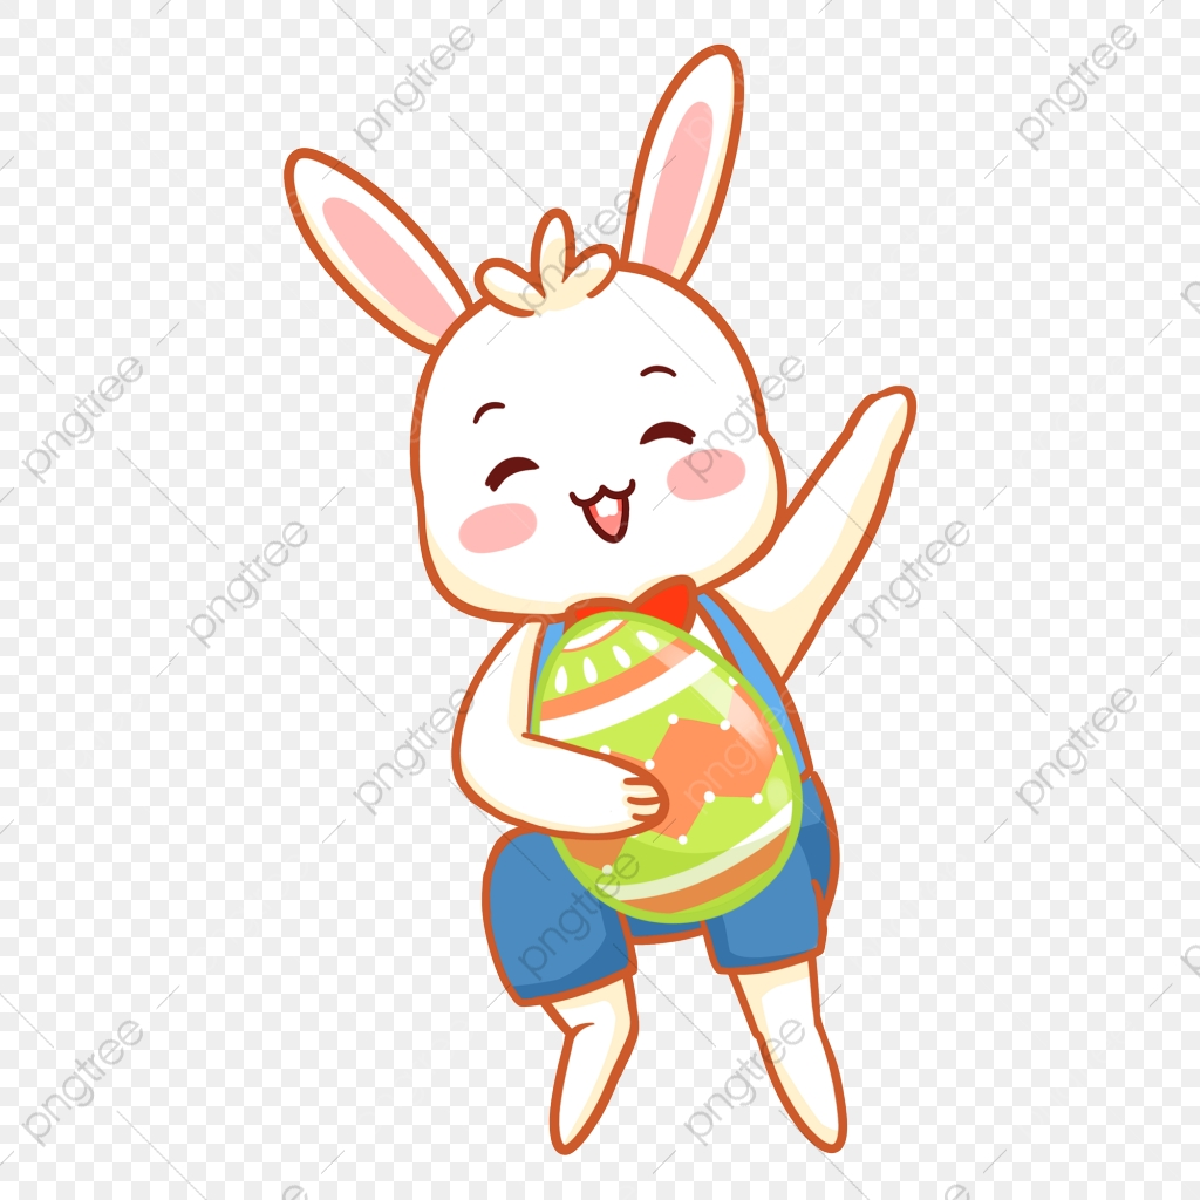 élément De Dessin Animé Animal Pâques Lapin élément Pâques